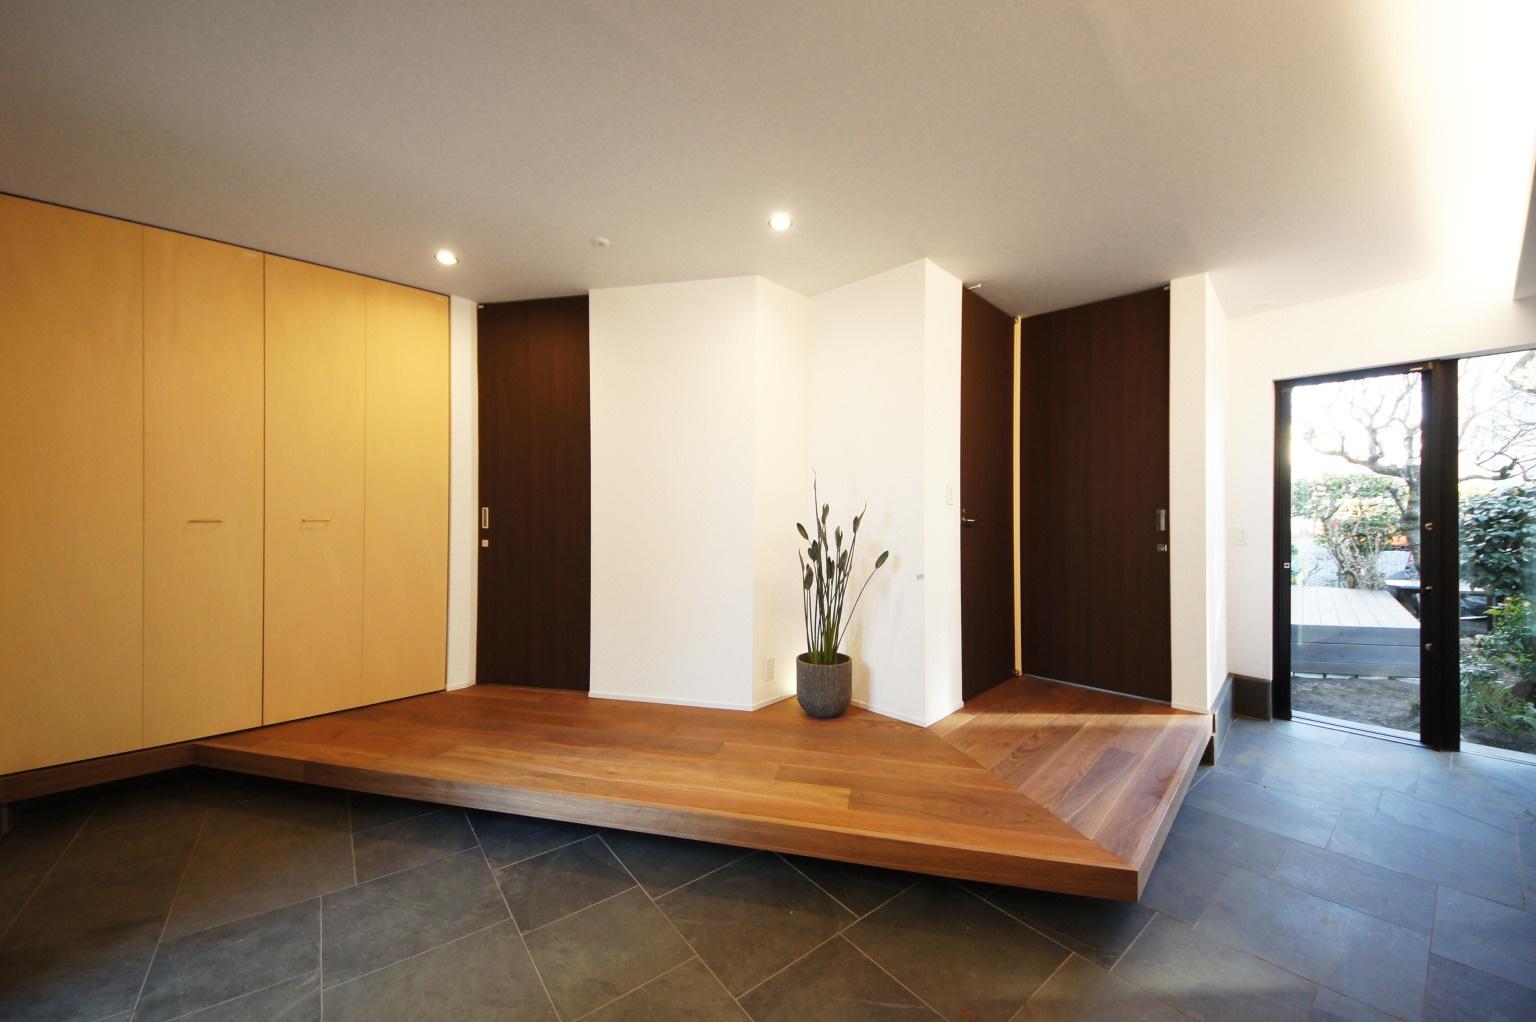 【二世帯住宅のコツ5】玄関が共有なら、ゆったりスペースで憩いの場に